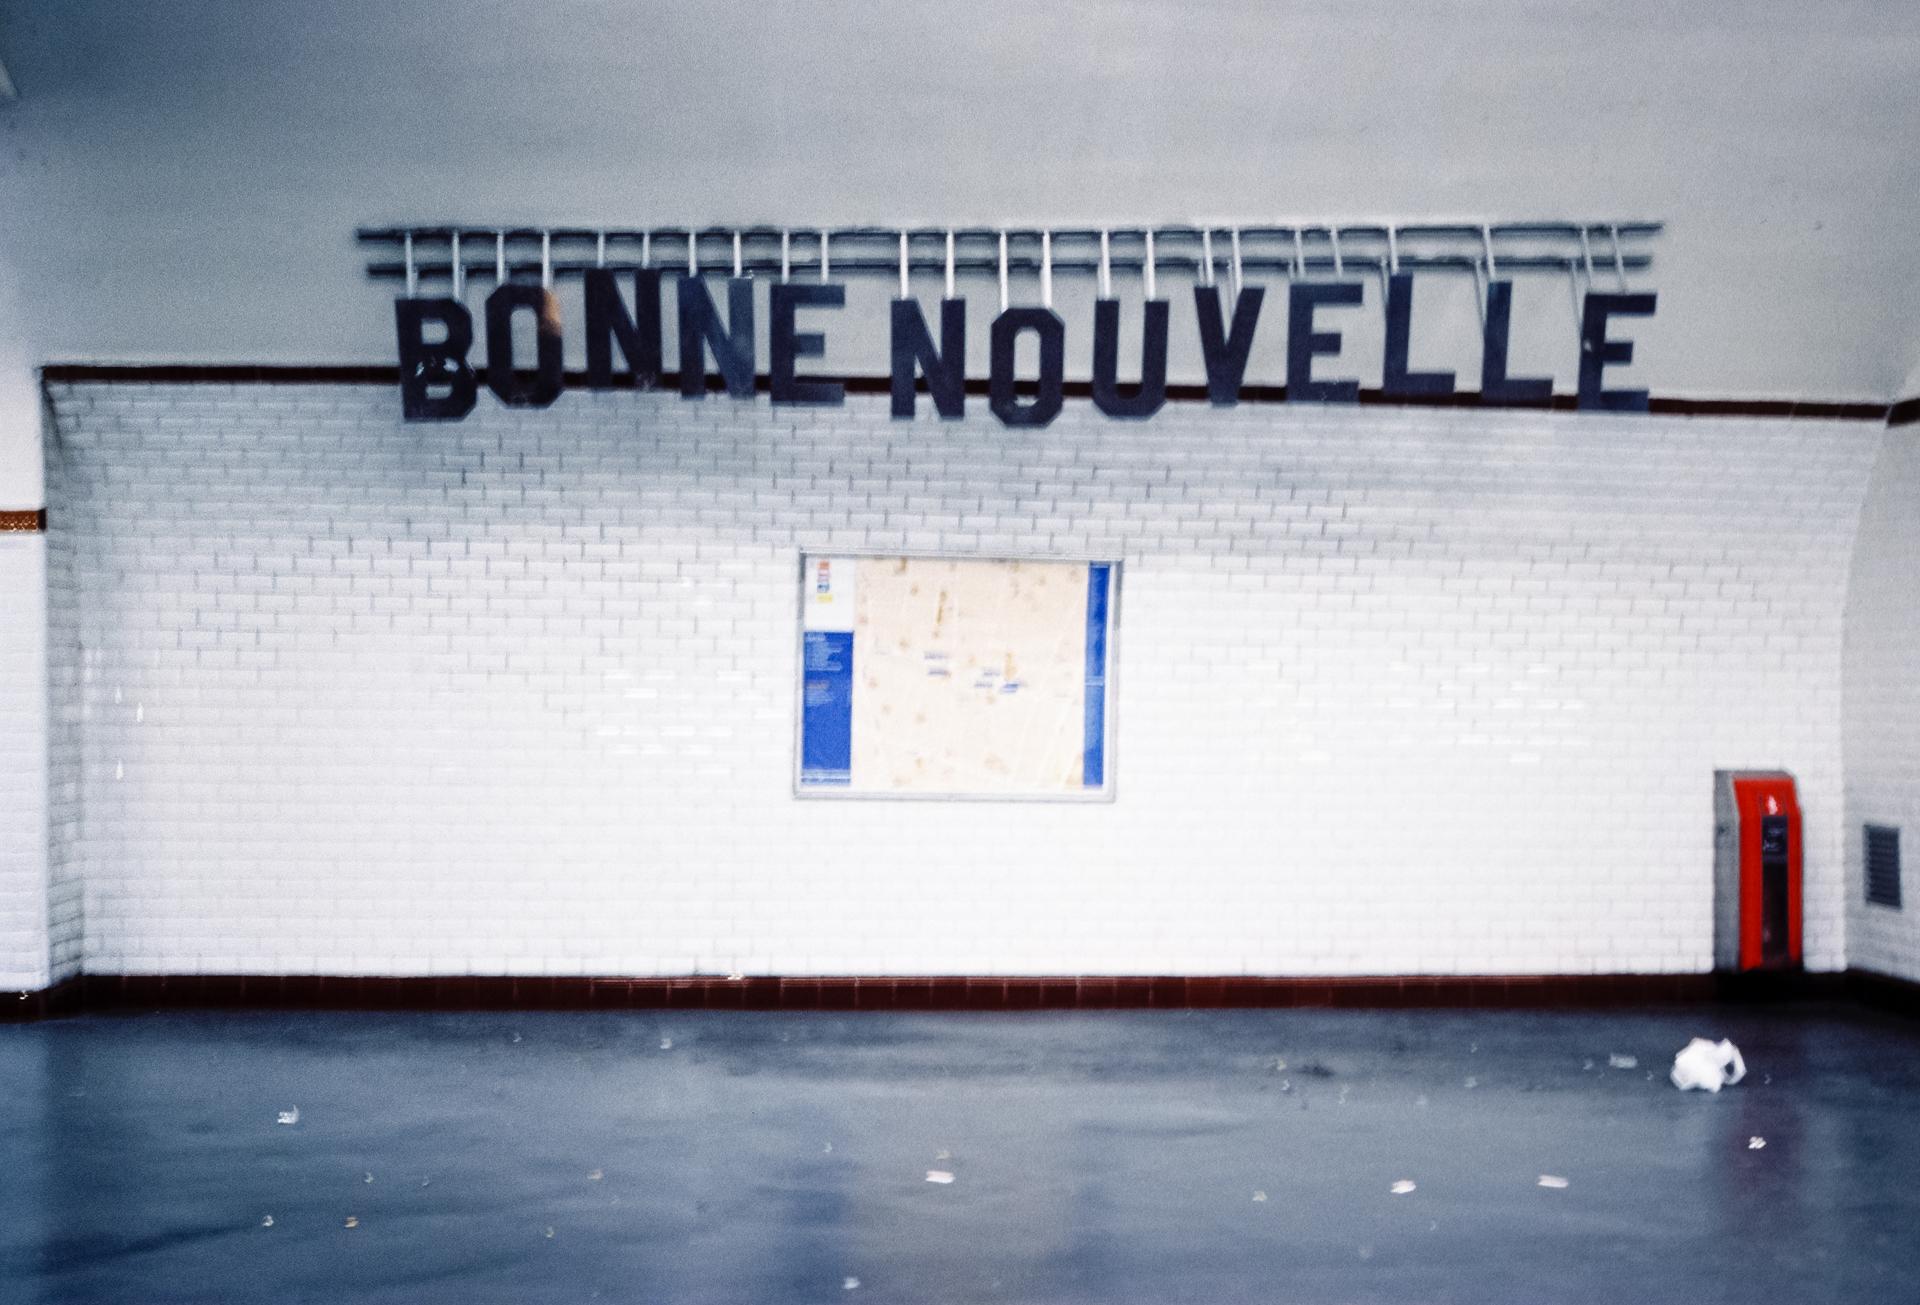 20151014_samuell_paris10_bonnenouvelle_hasselblad_xpanII_couleur_5